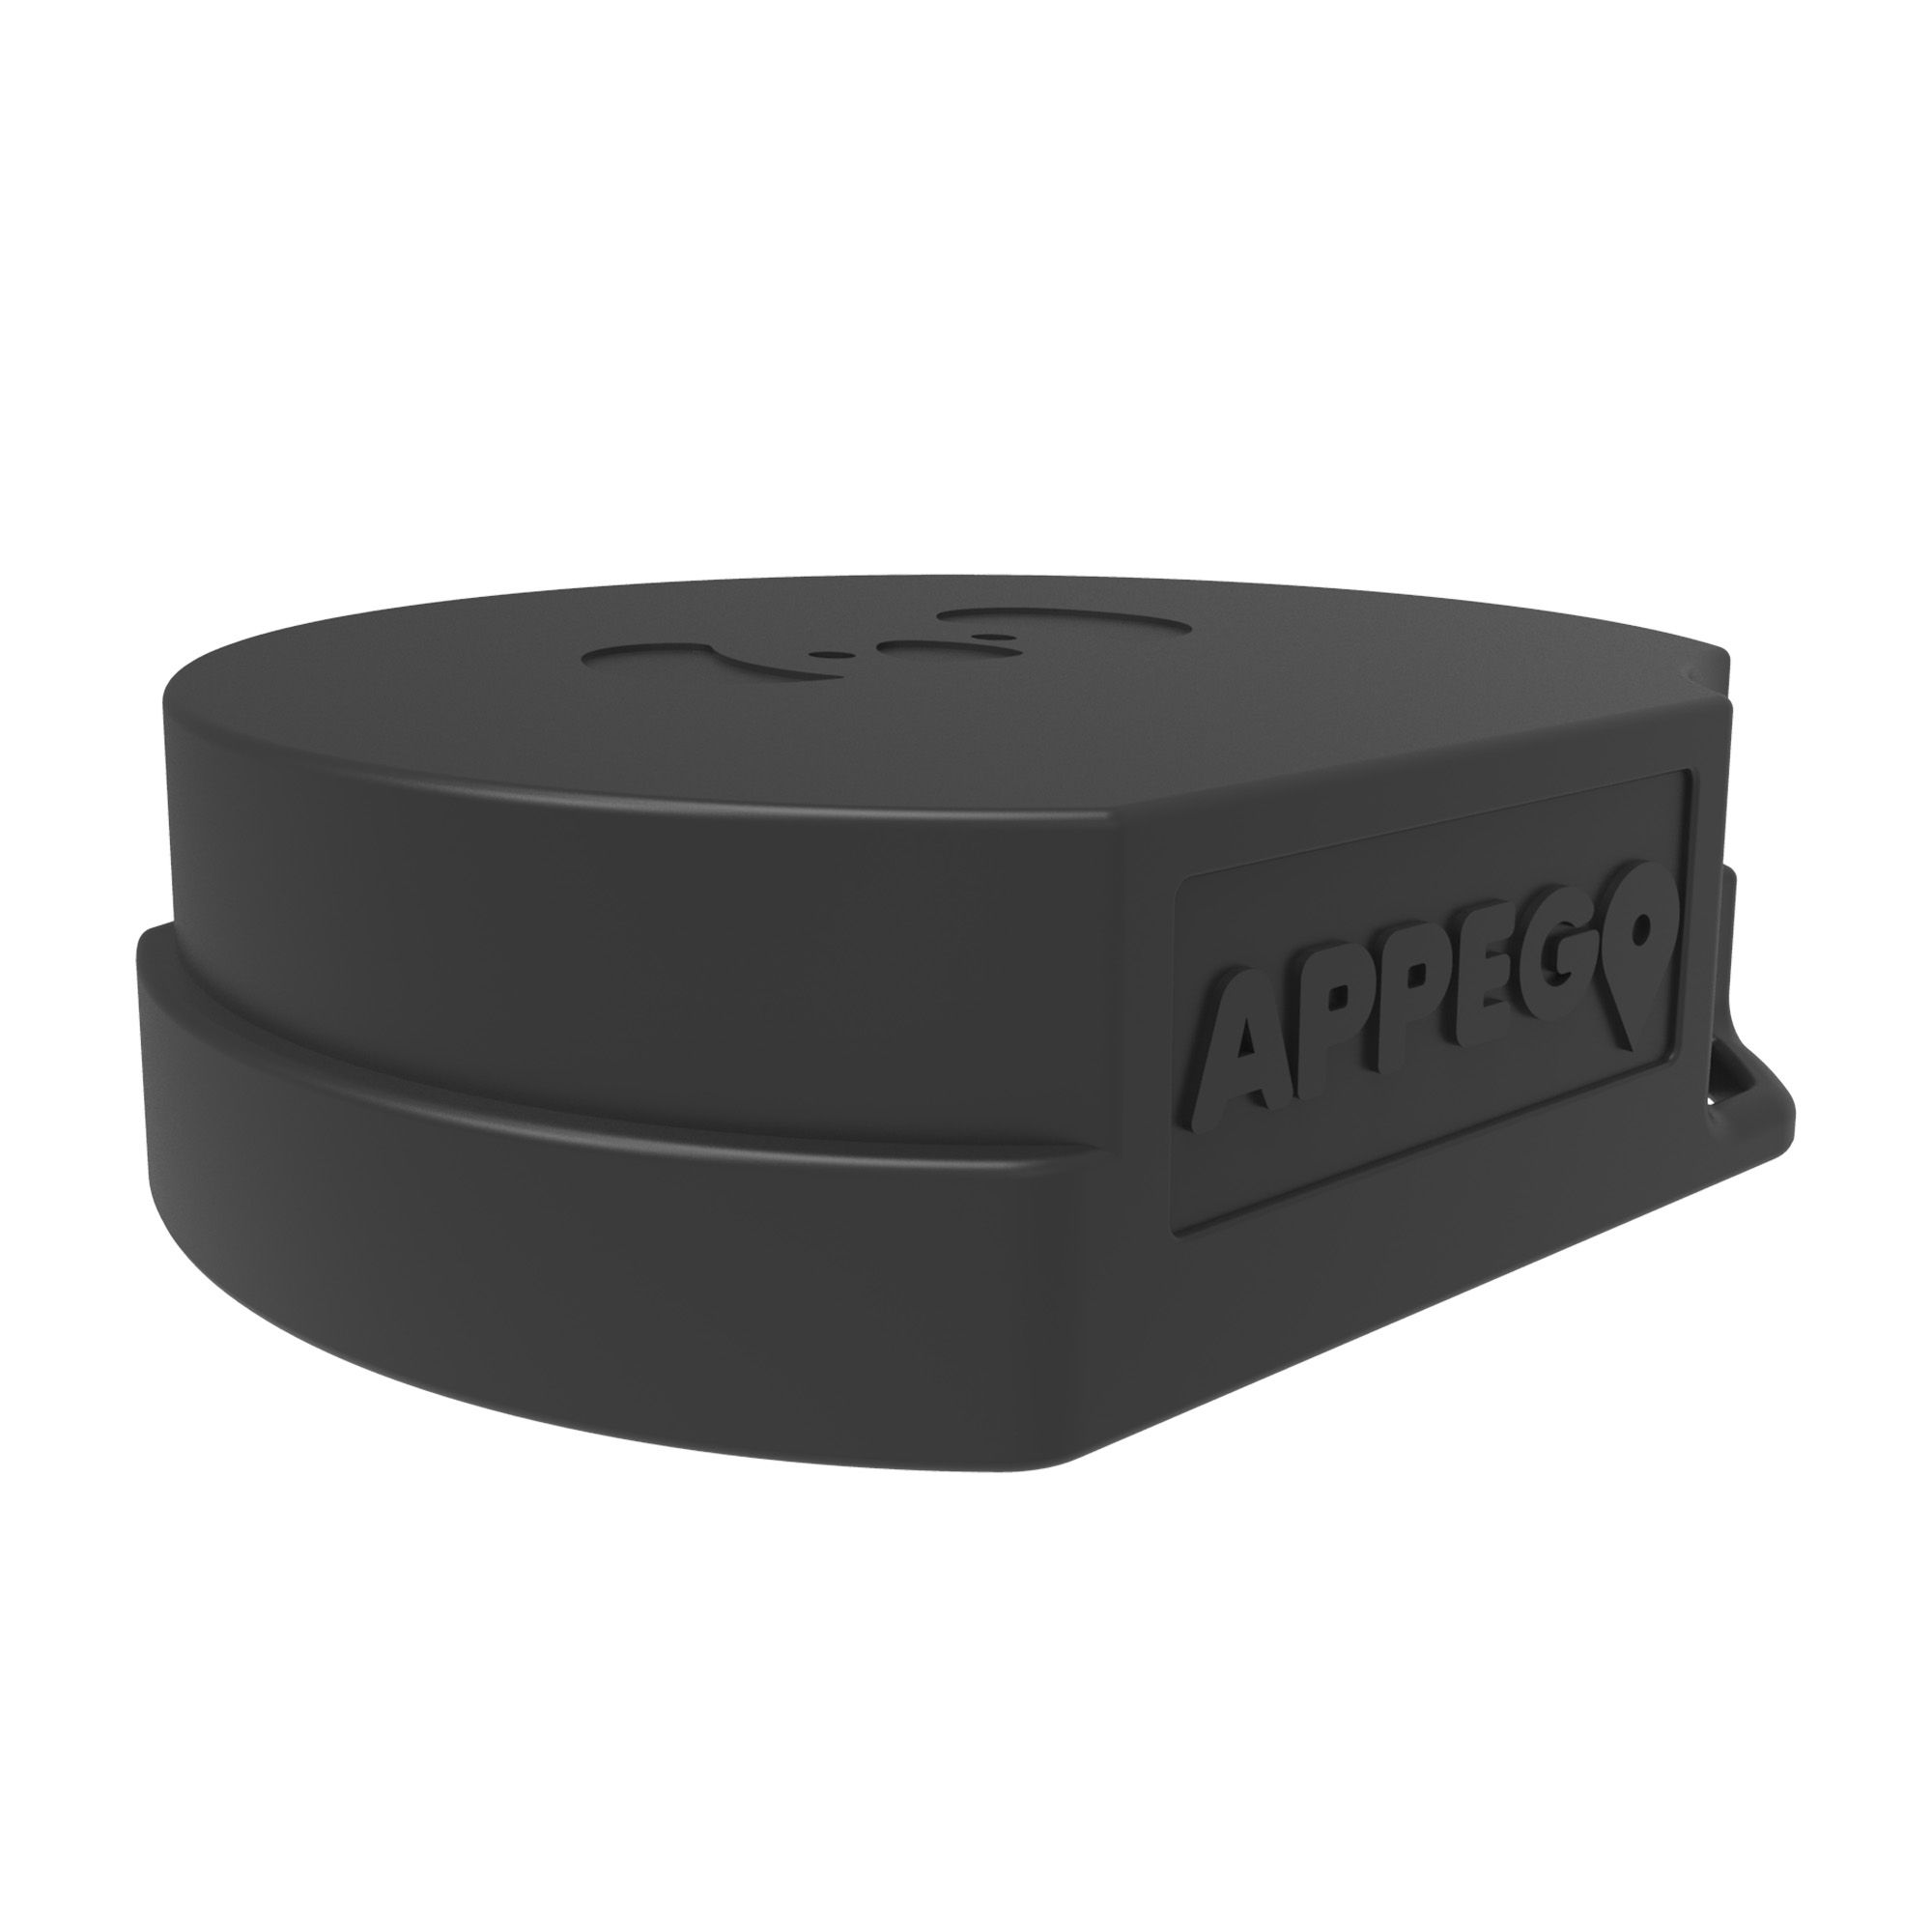 Rastreador GPS Pessoal Portátil Appego Completo